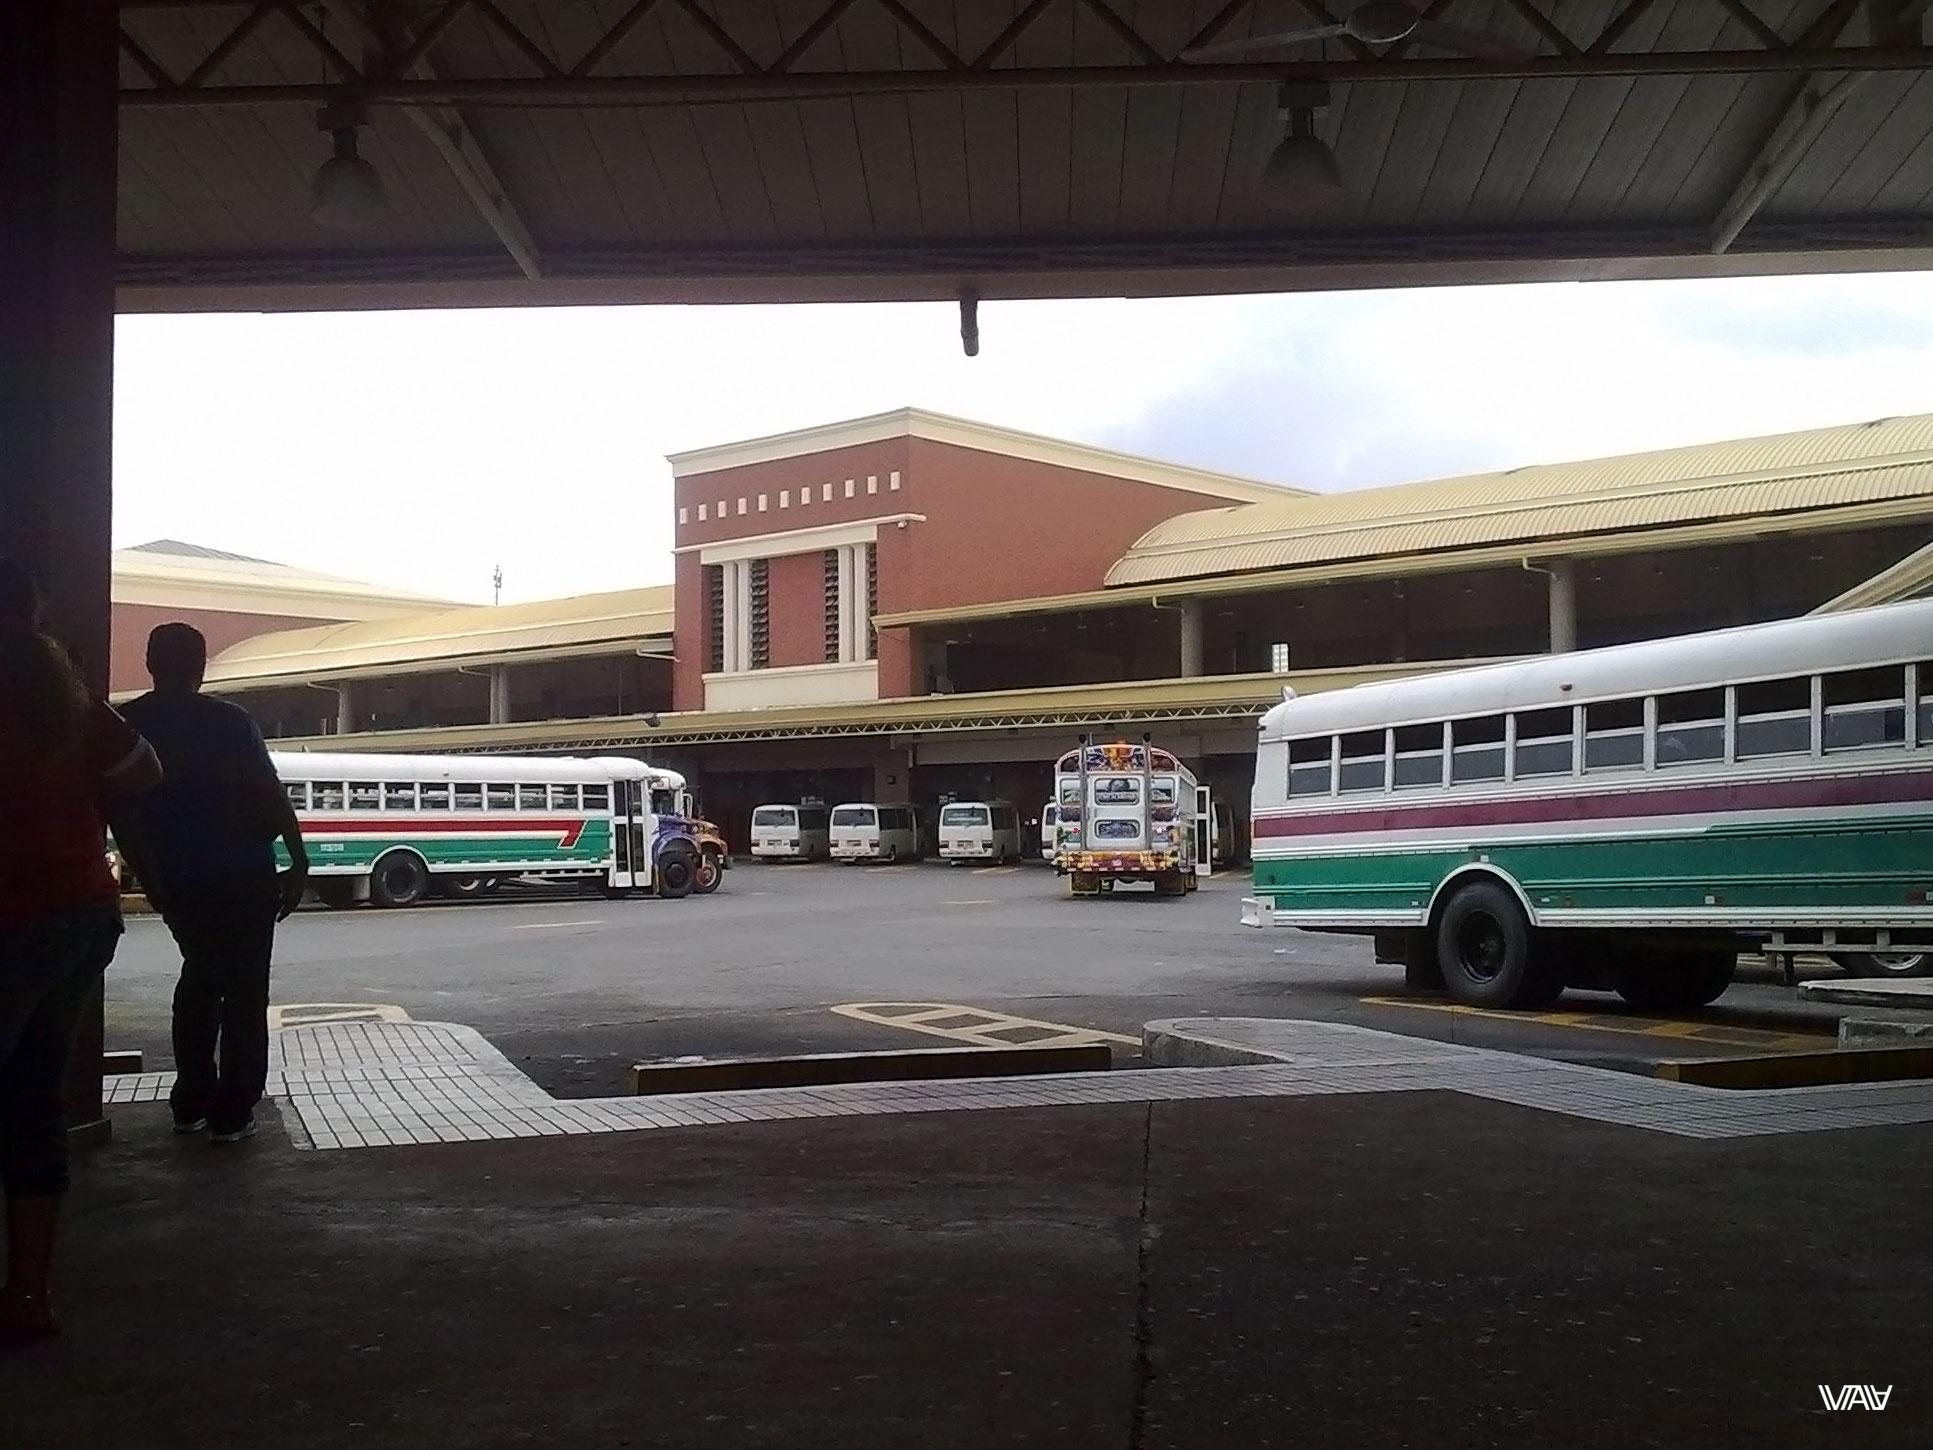 Это панамский автобусный вокзал. Интересно то, что для попадания на платформу непосредственно к своему автобусу одного билета на него будет недостаточно. Нужно еще иметь проездной! Проездной автобусного вокзала. Разового билетика нет. Нужен проездной. Или иди отсюда :D Не стесняйтесь попросить простых панамцев - они с участием проведут вас по своему проездному. Автобусный вокзал, Панама Сити, Панама